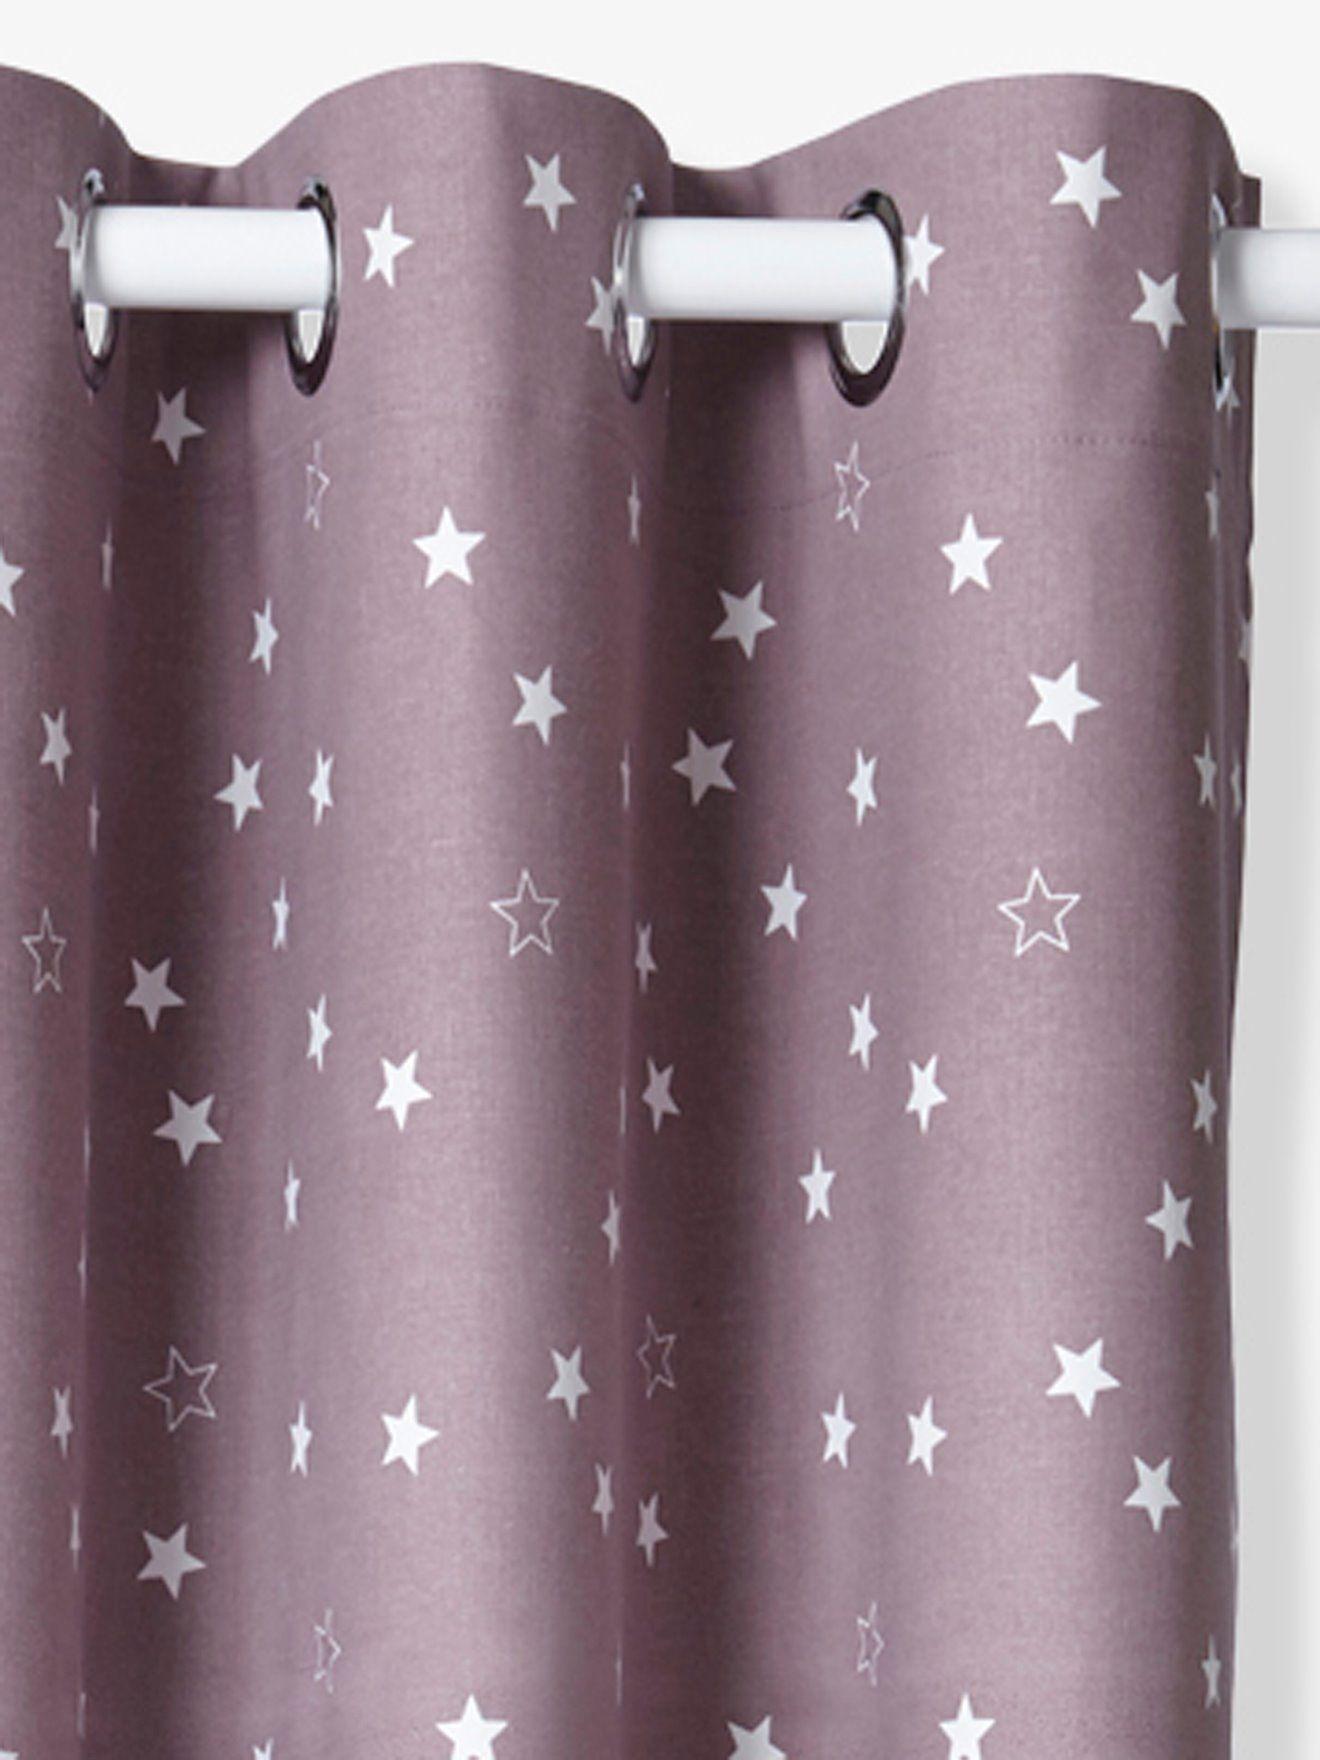 Jugendzimmer wandkunst verdunkelungsvorhang mit sternen von vertbaudet in violett  nur uac